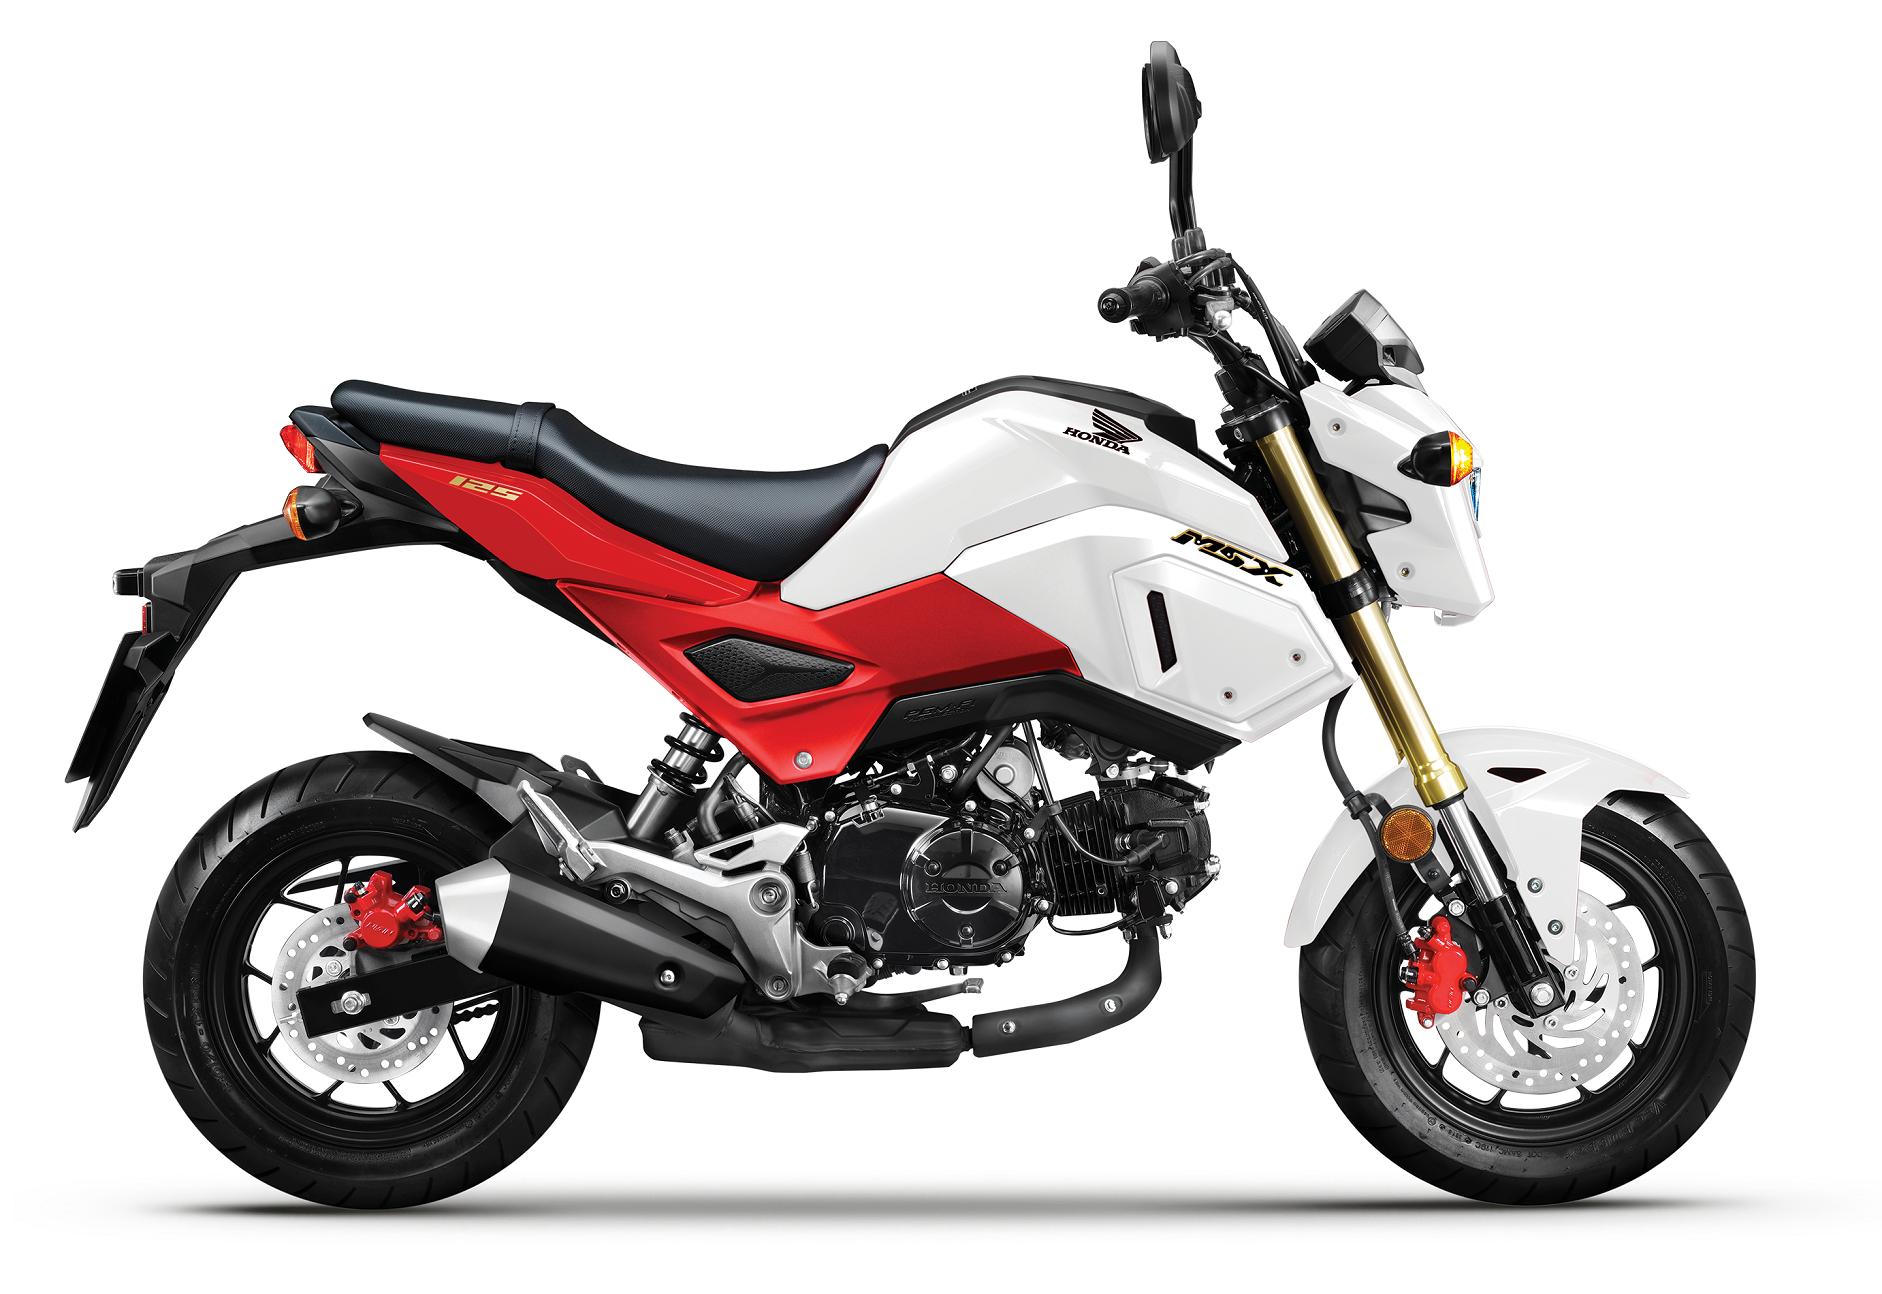 Chi tiết Honda MSX 125cc phiên bản mới ra mắt, gần 50 triệu tại Việt Nam - 4